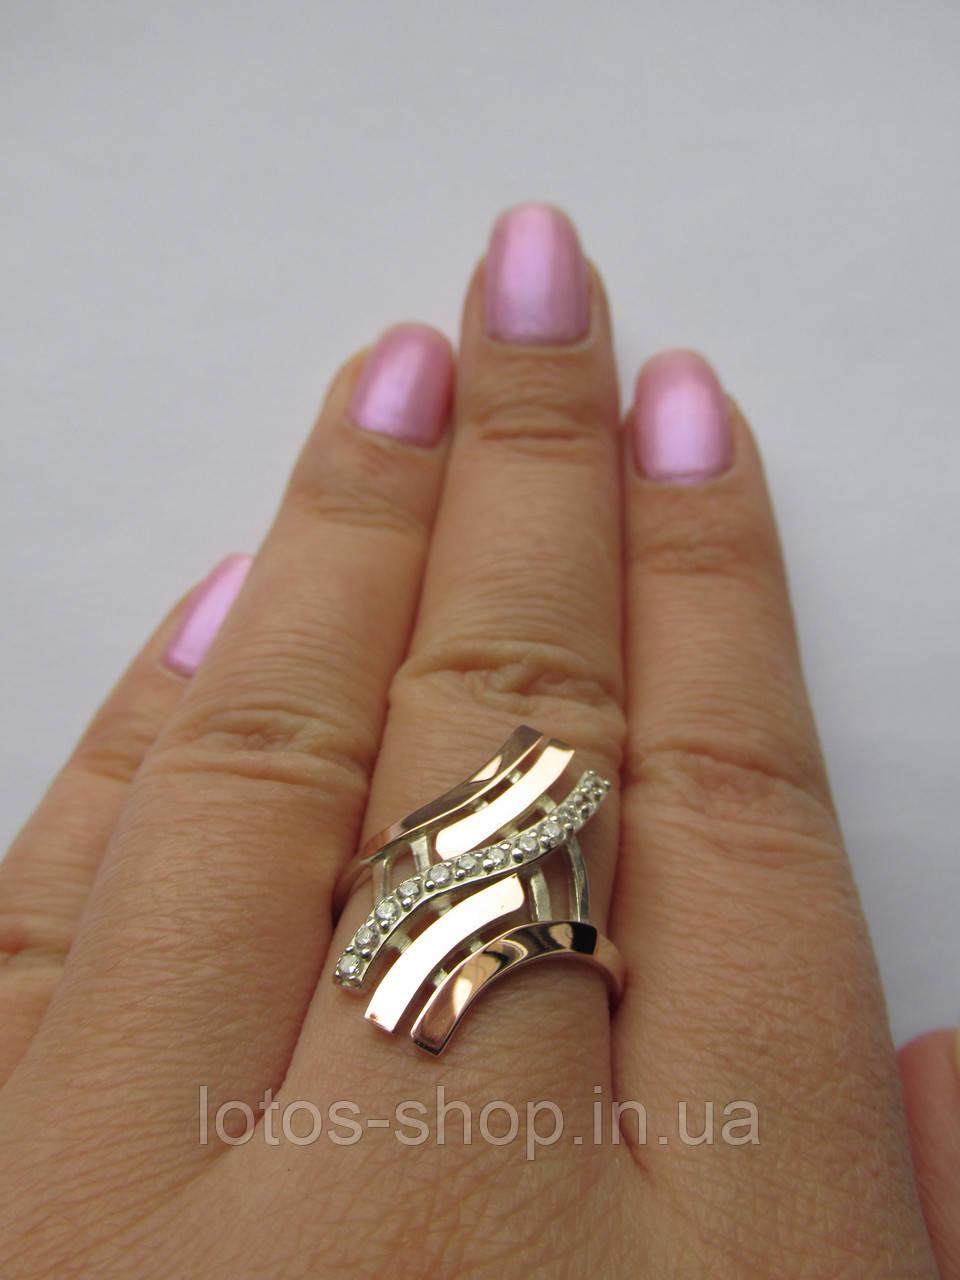 """Серебряное кольцо с золотыми вставками""""Гармония"""""""